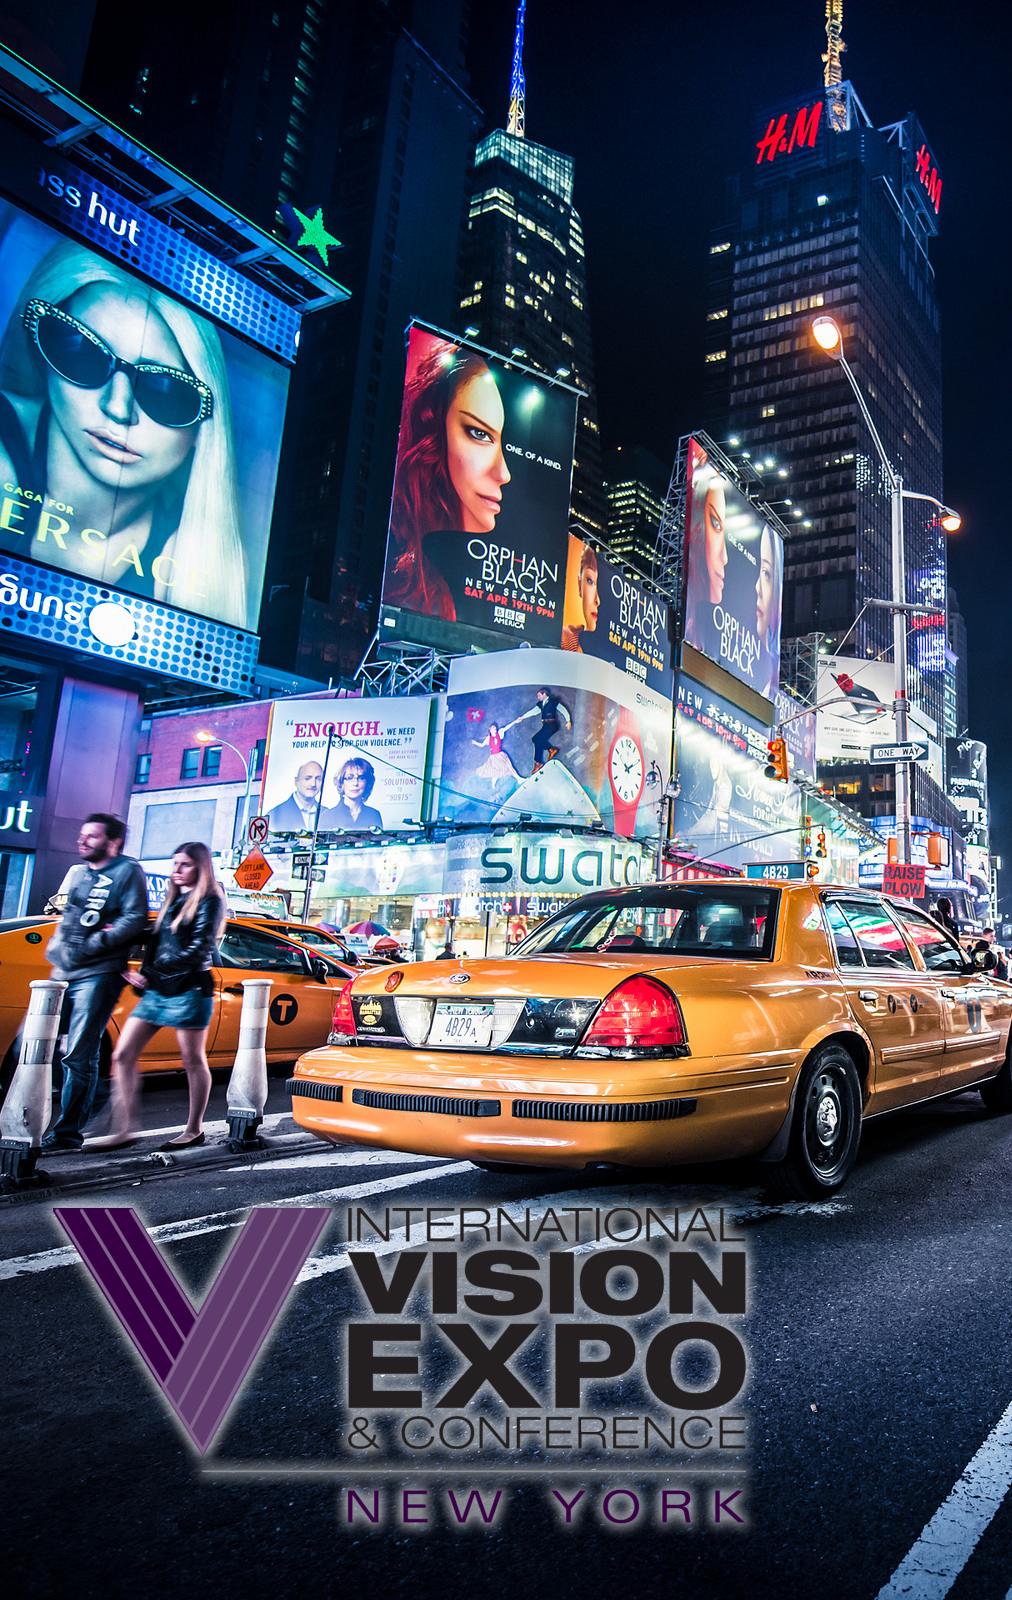 2016 Vision Expo in NY